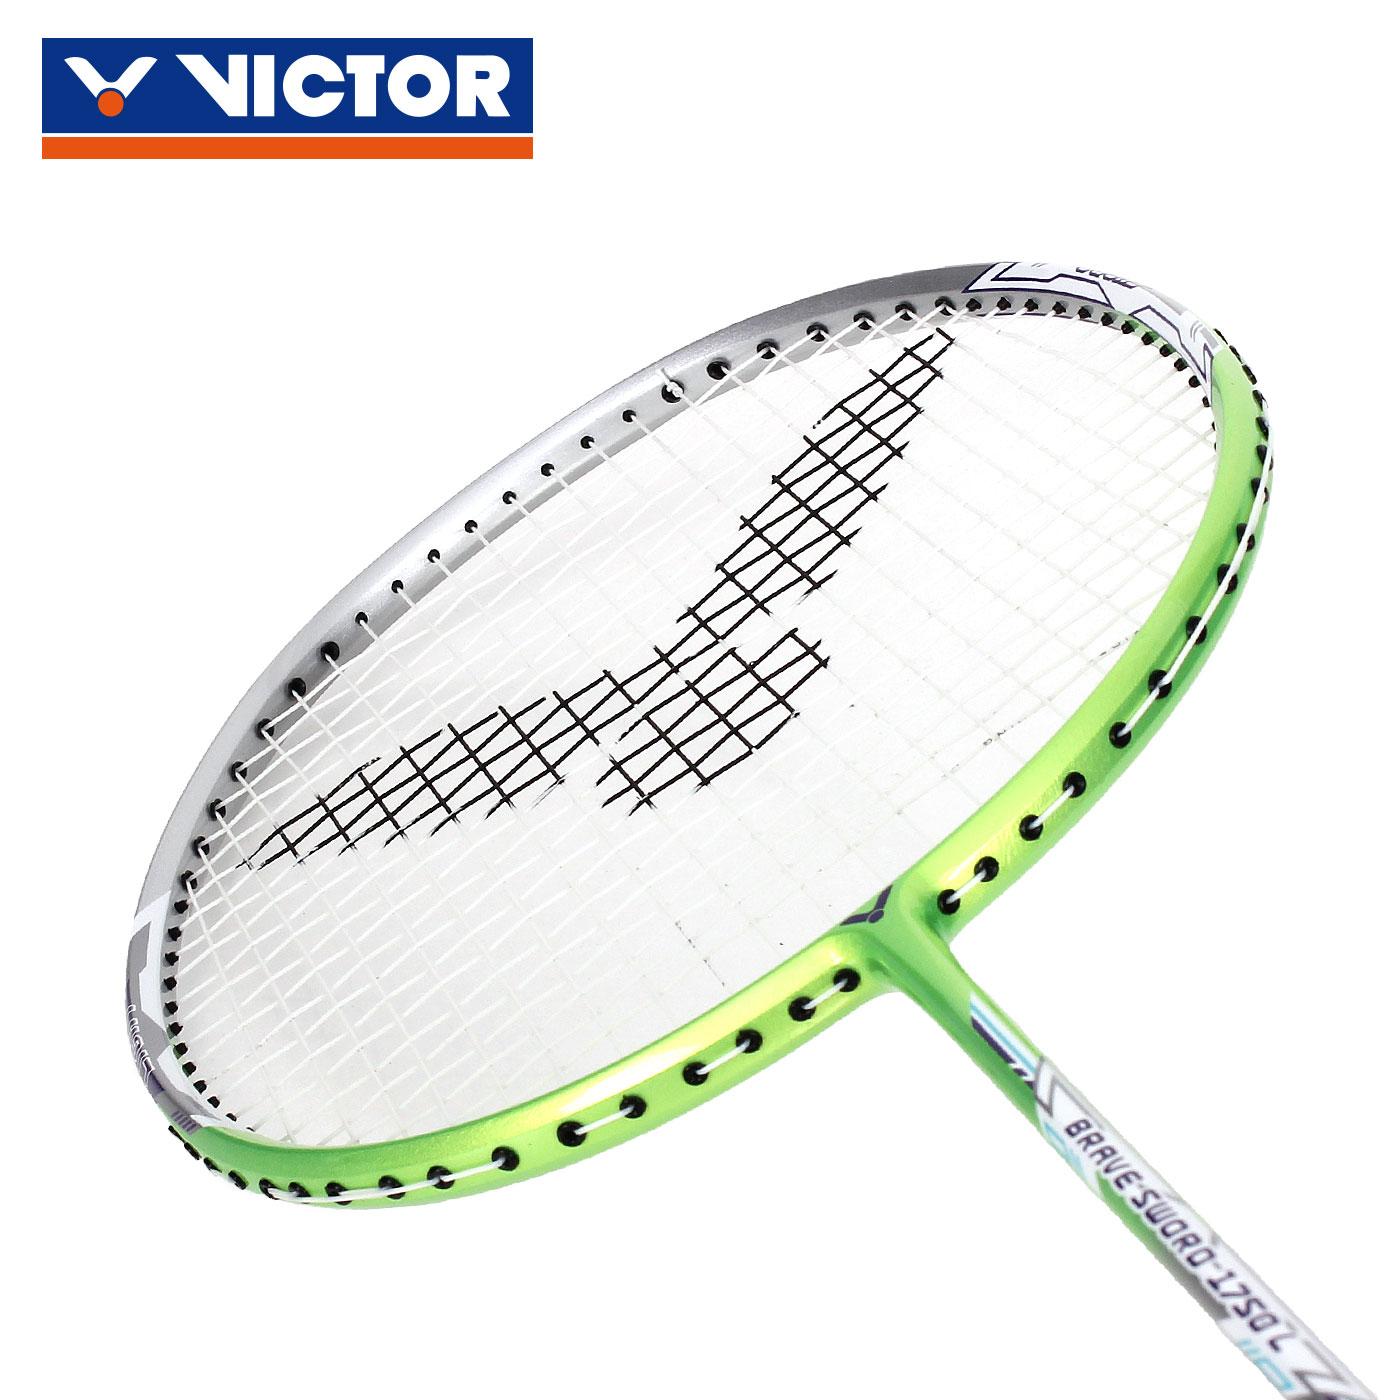 VICTOR 亮劍羽球拍(穿線)-5U BRS-1750L-5U - 綠銀